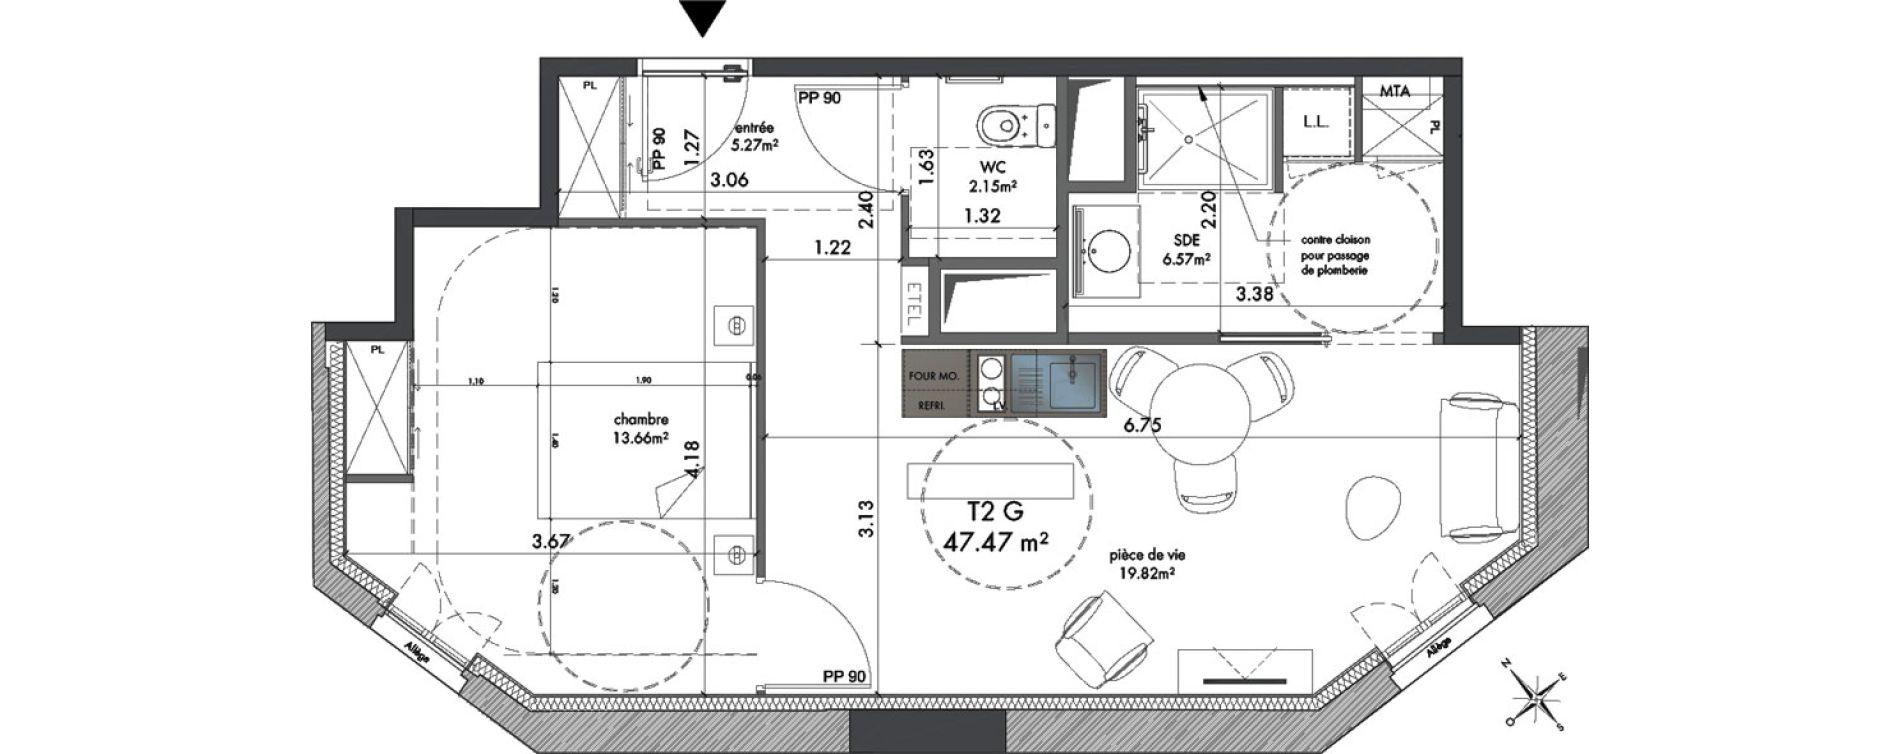 Appartement T2 meublé de 47,47 m2 à Metz Nouvelle ville